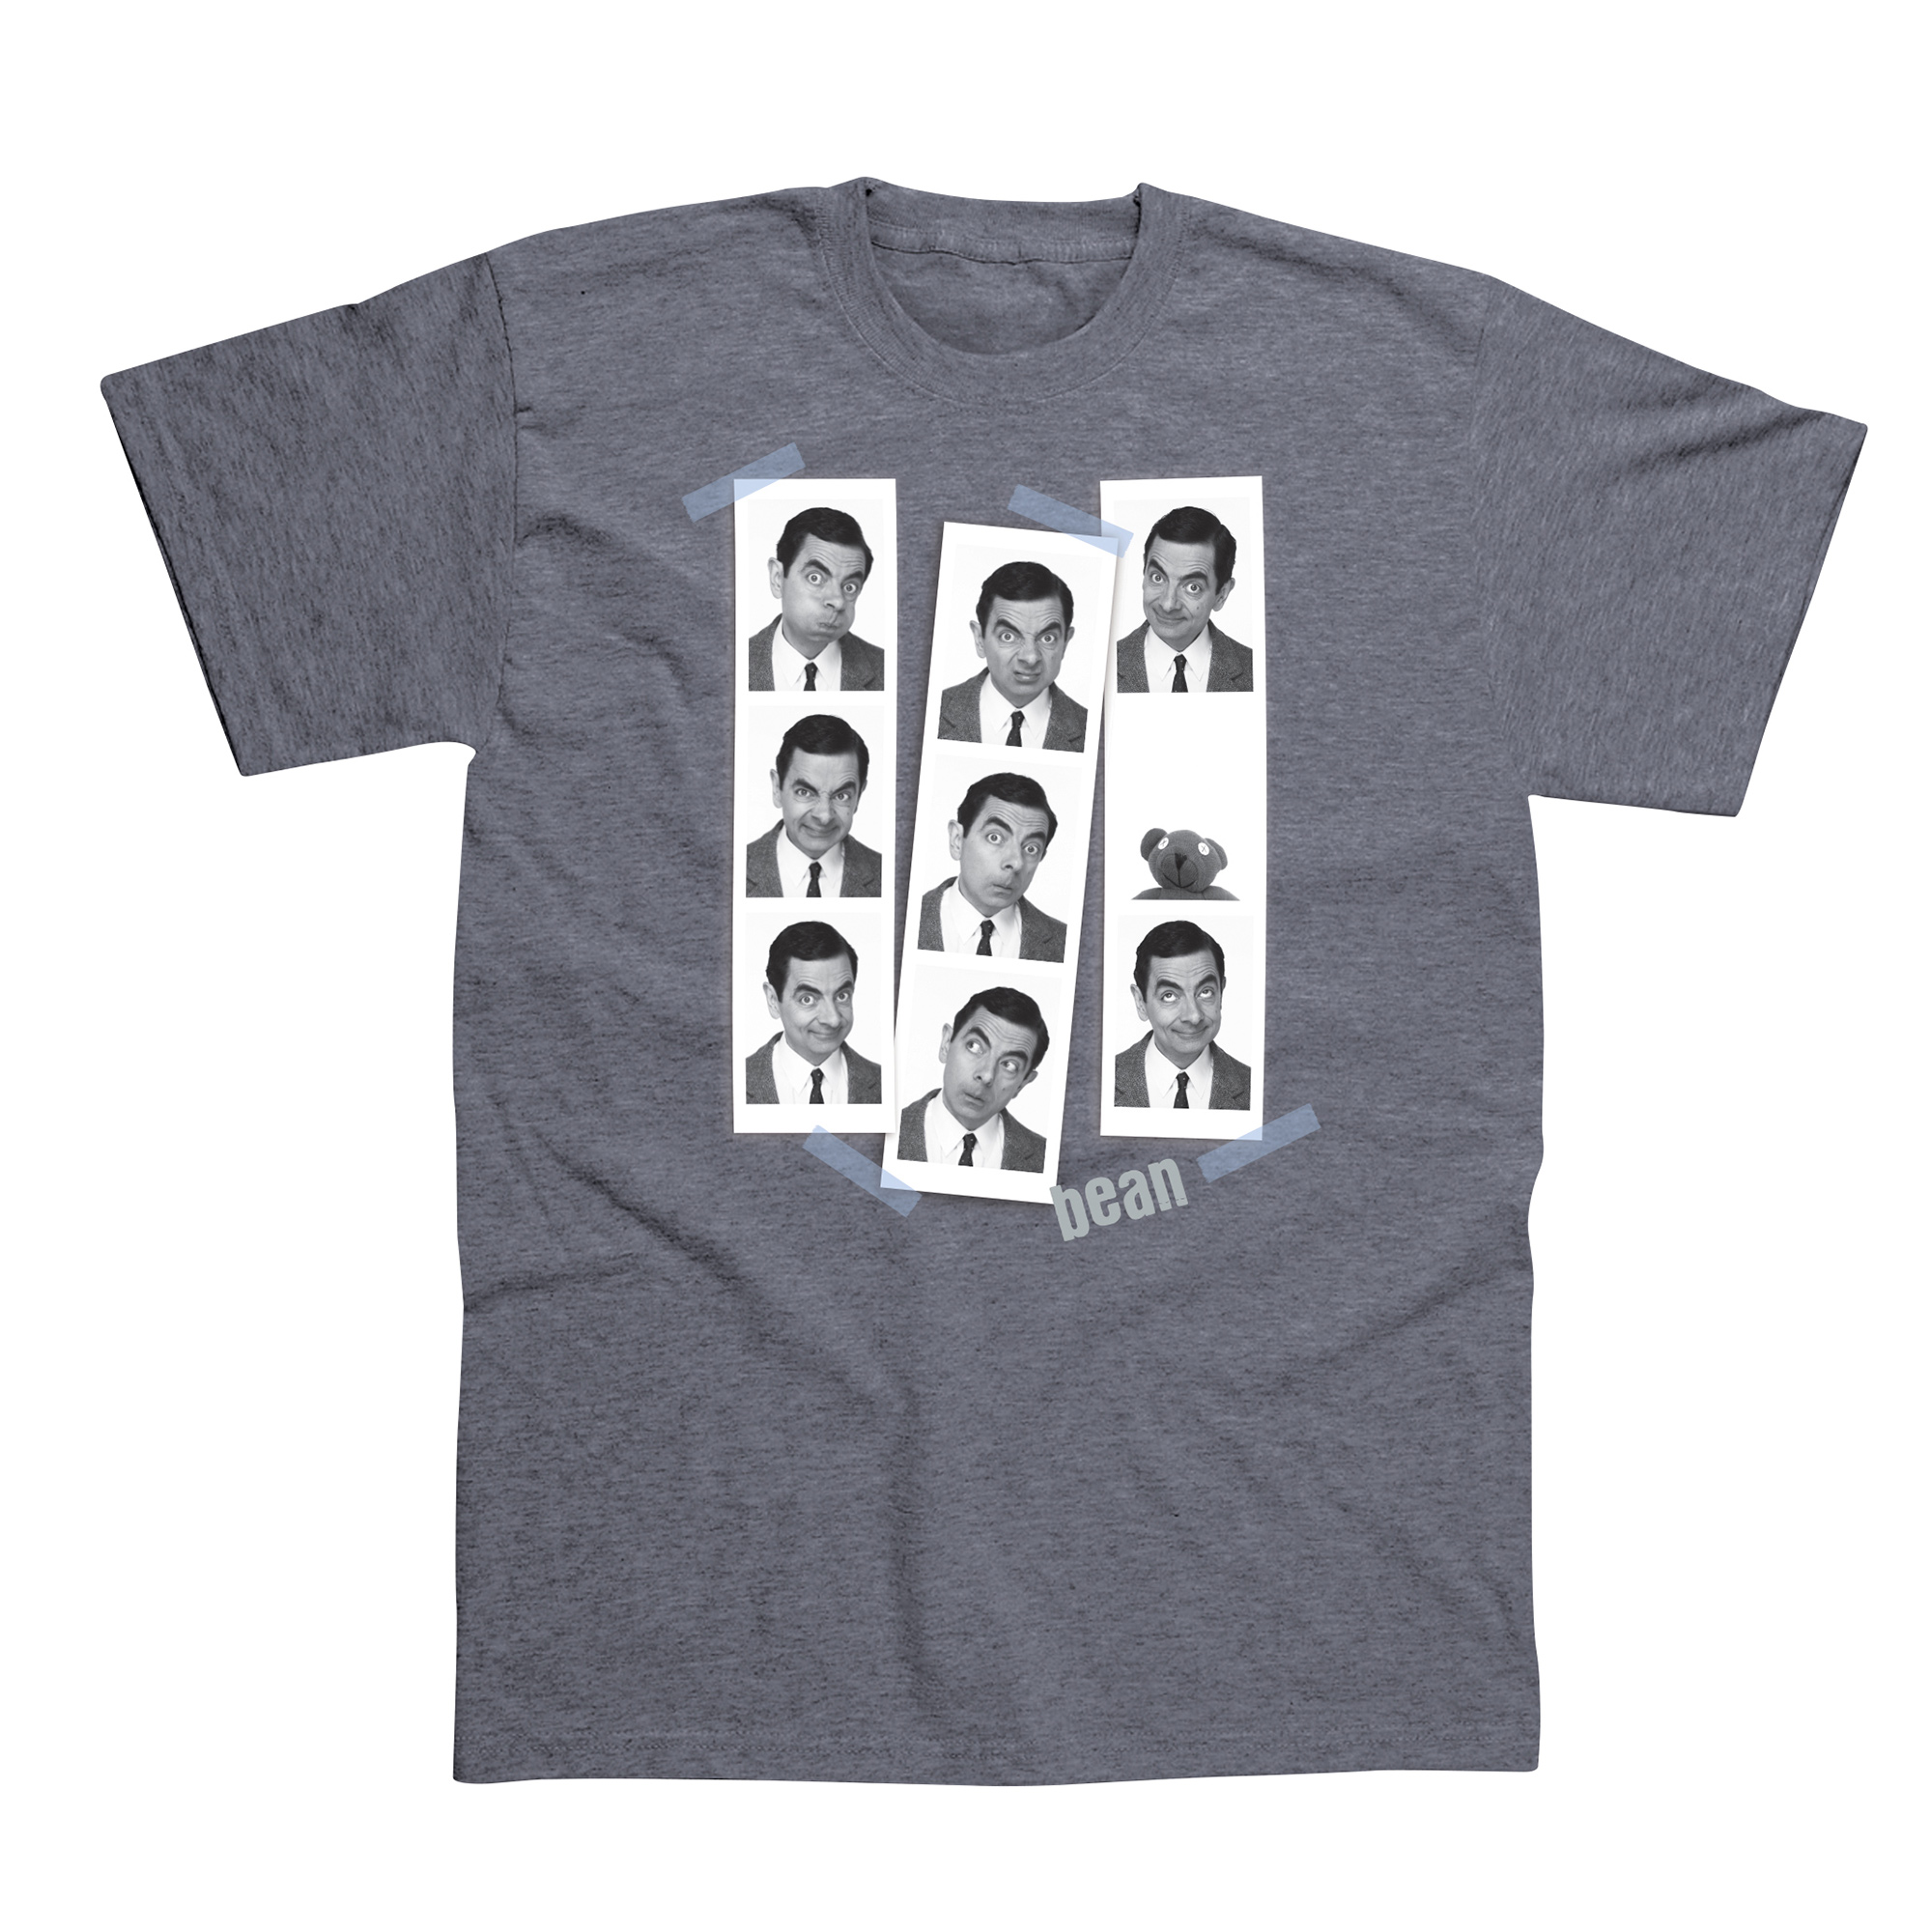 Mr Bean Photos T-Shirt - XL